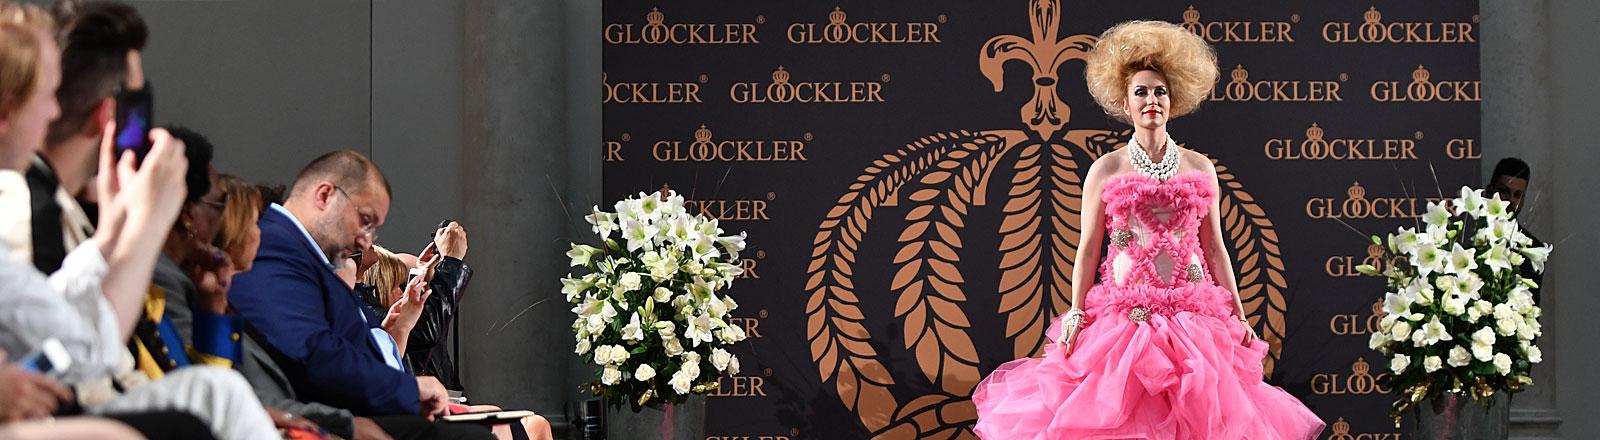 """Elna-Margret zu Bentheim bei der Modeinszenierung """"Die zertanzten Schuhe"""" am Vorabend der Berlin Fashion Week von Designer Harald Glööckler am 27.06.2016"""